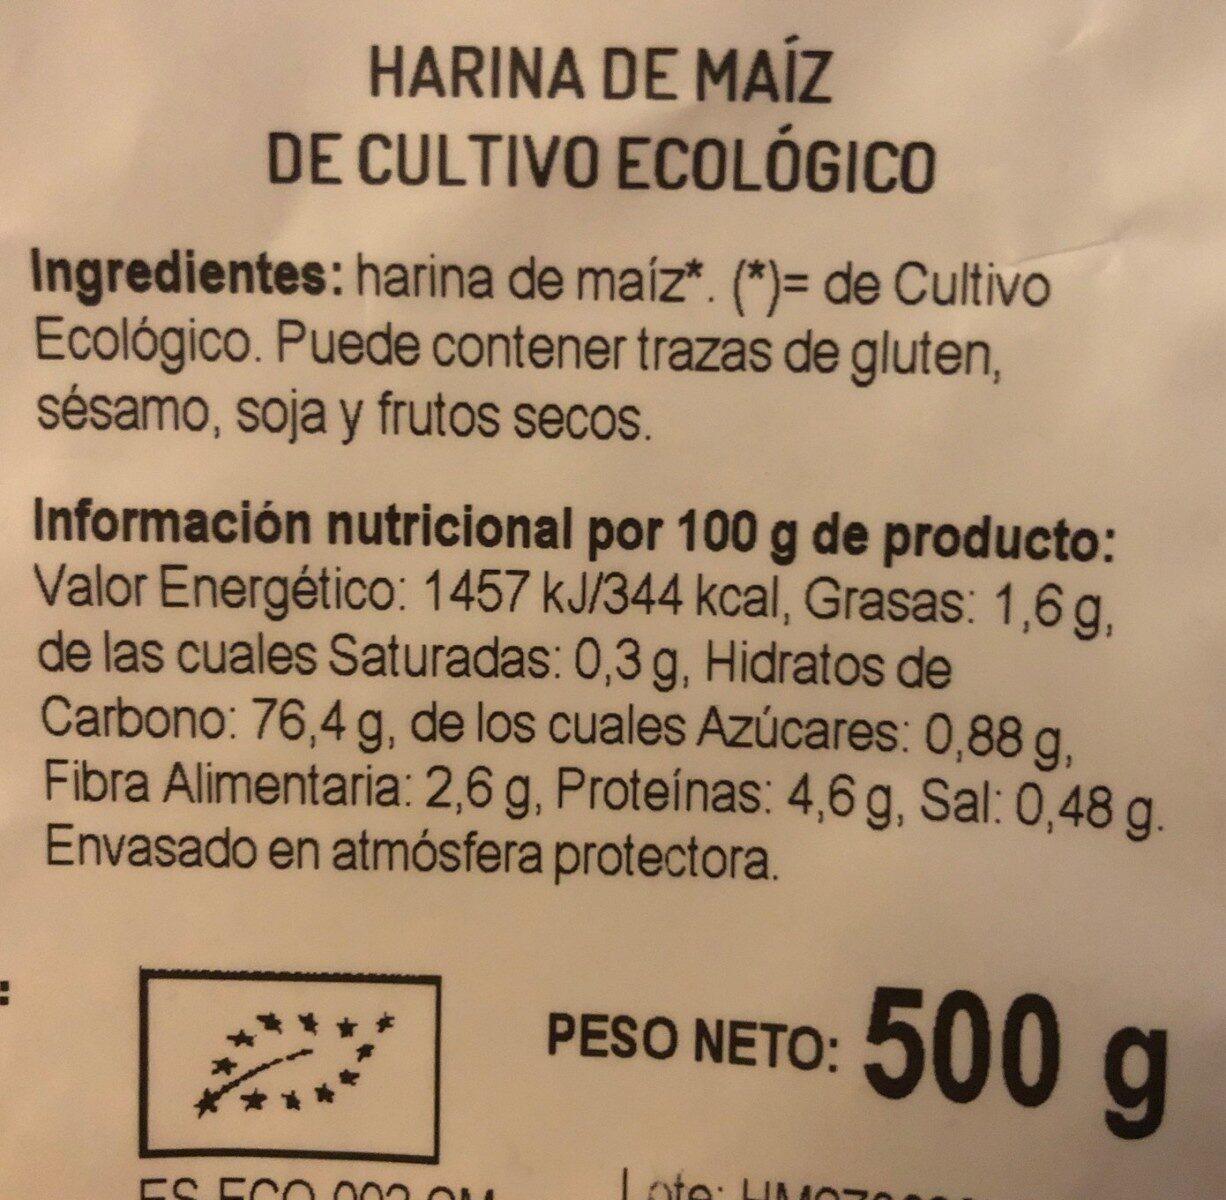 Harina de Maíz de cultivo ecológico - Información nutricional - es